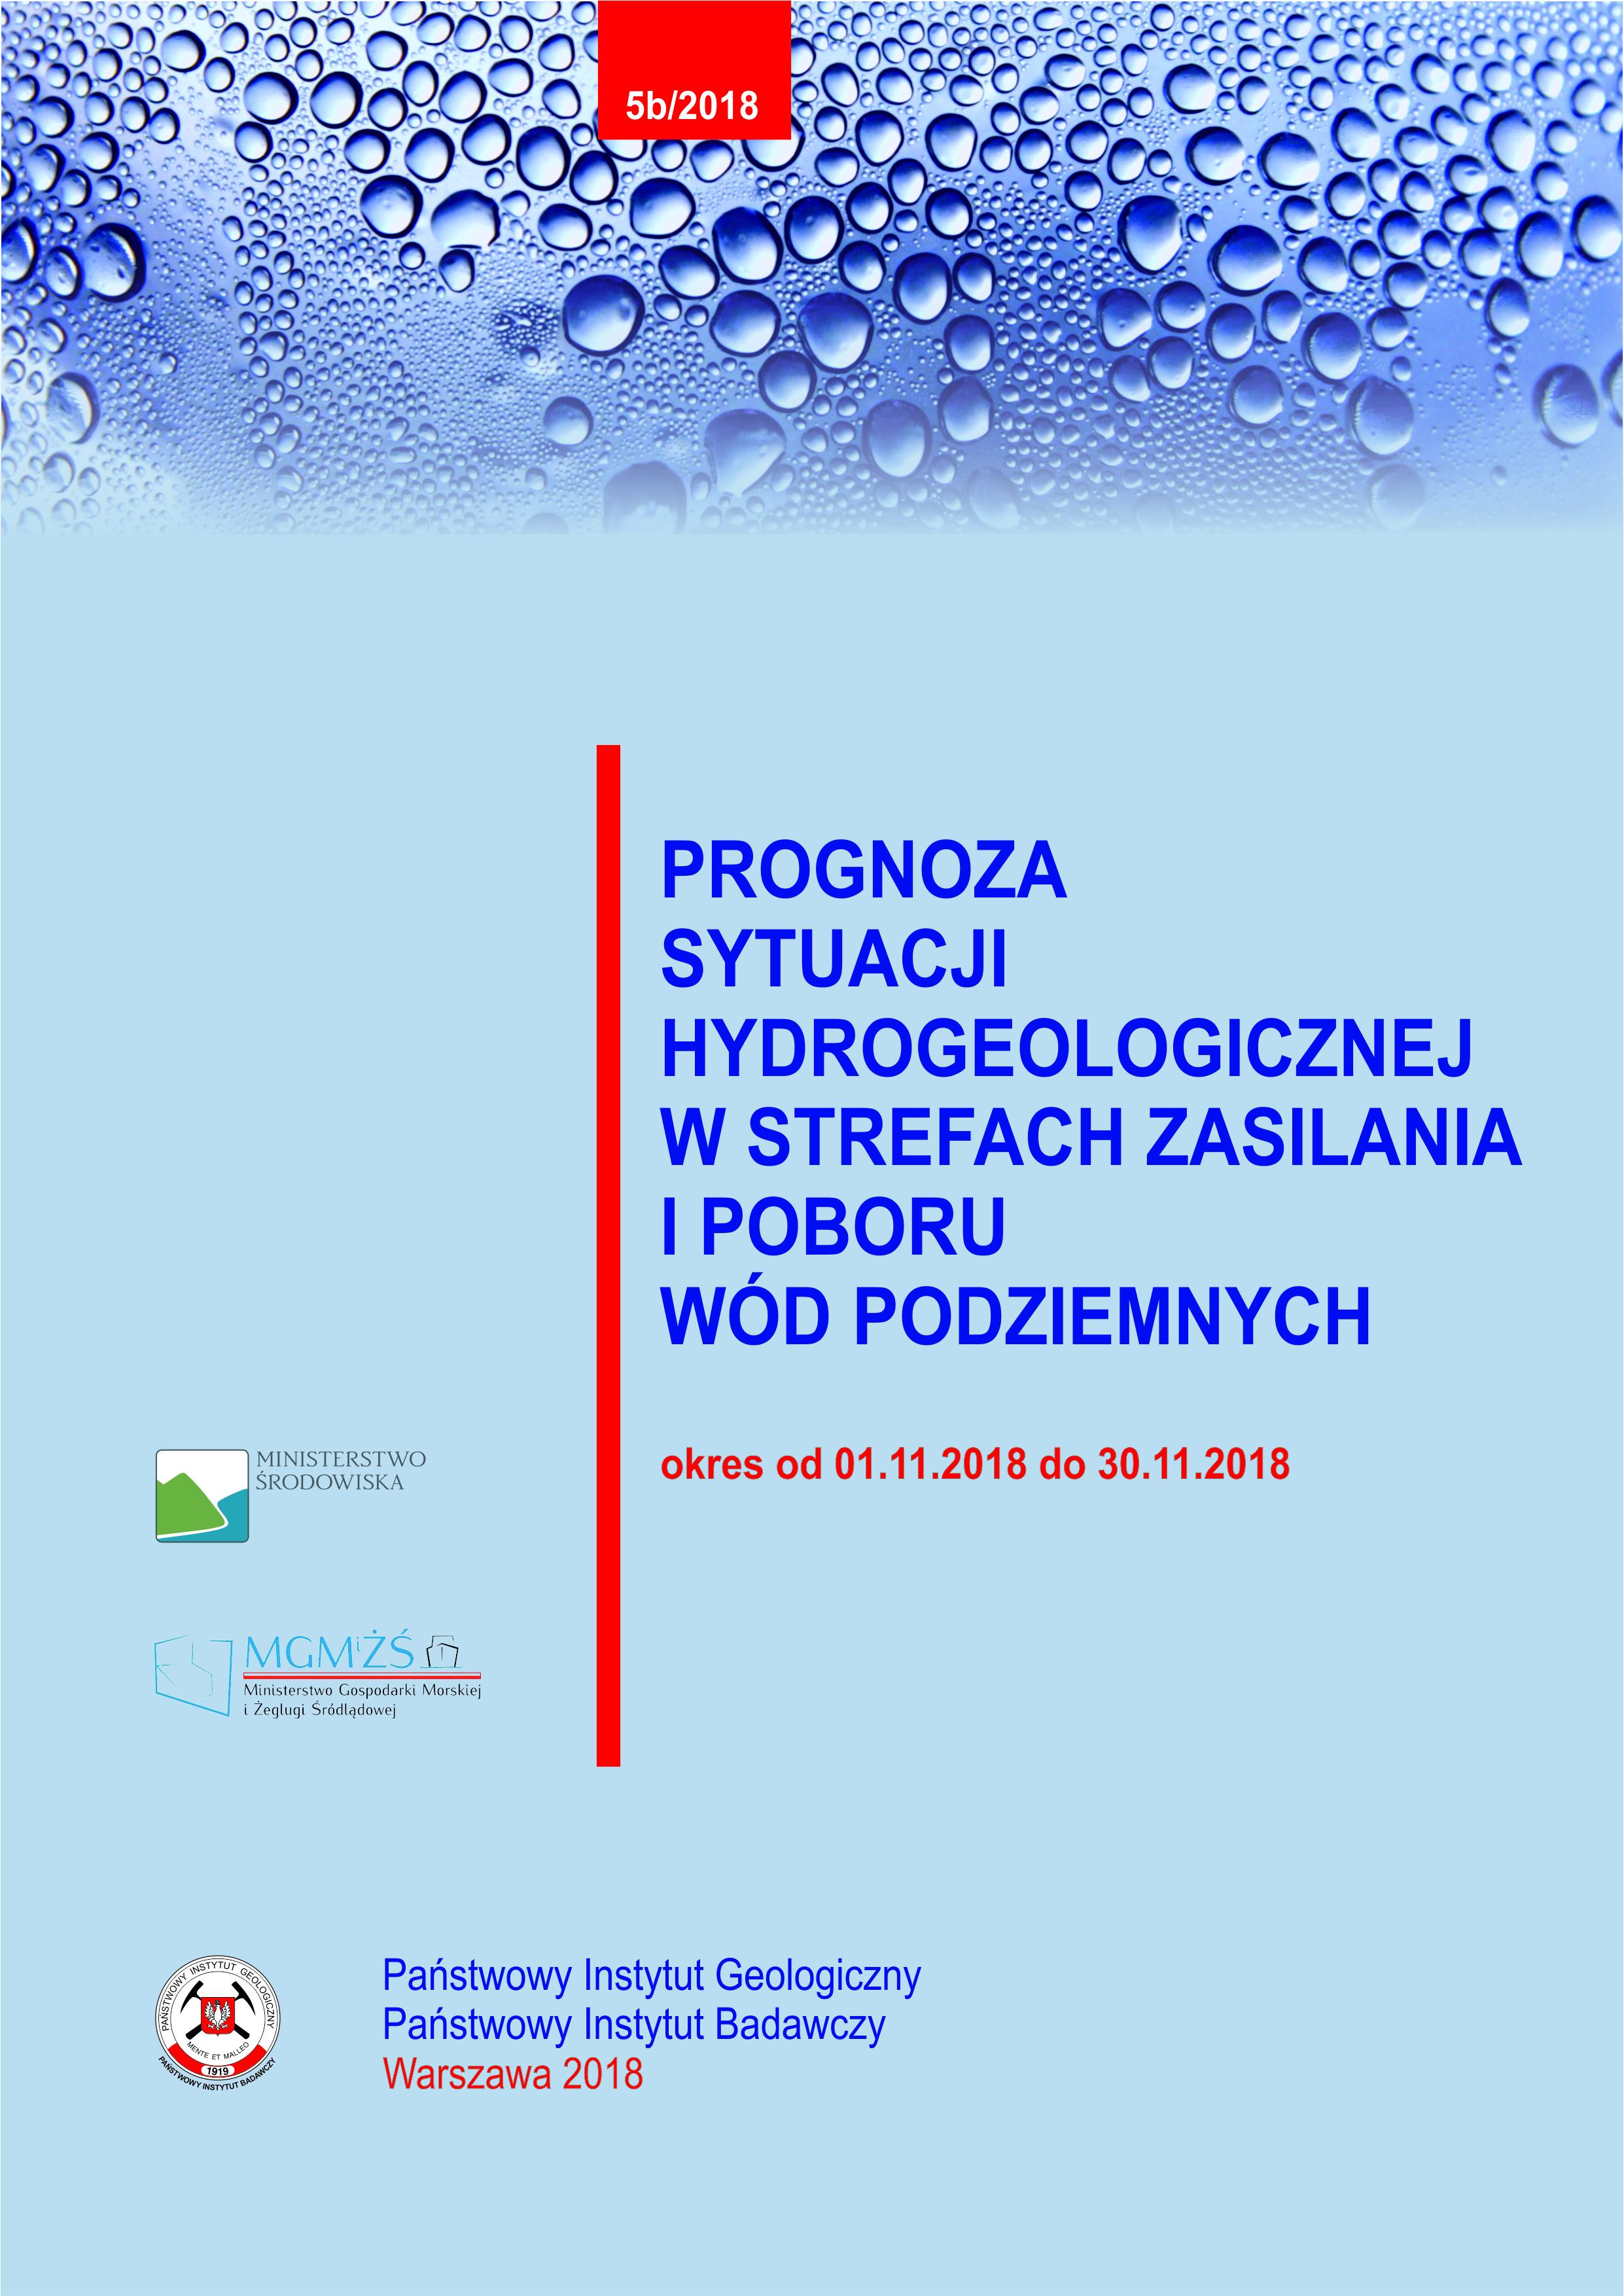 Prognoza sytuacji hydrogeologicznej w strefach zasilania i poboru wód podziemnych 01.11.2018- 30.11.2018